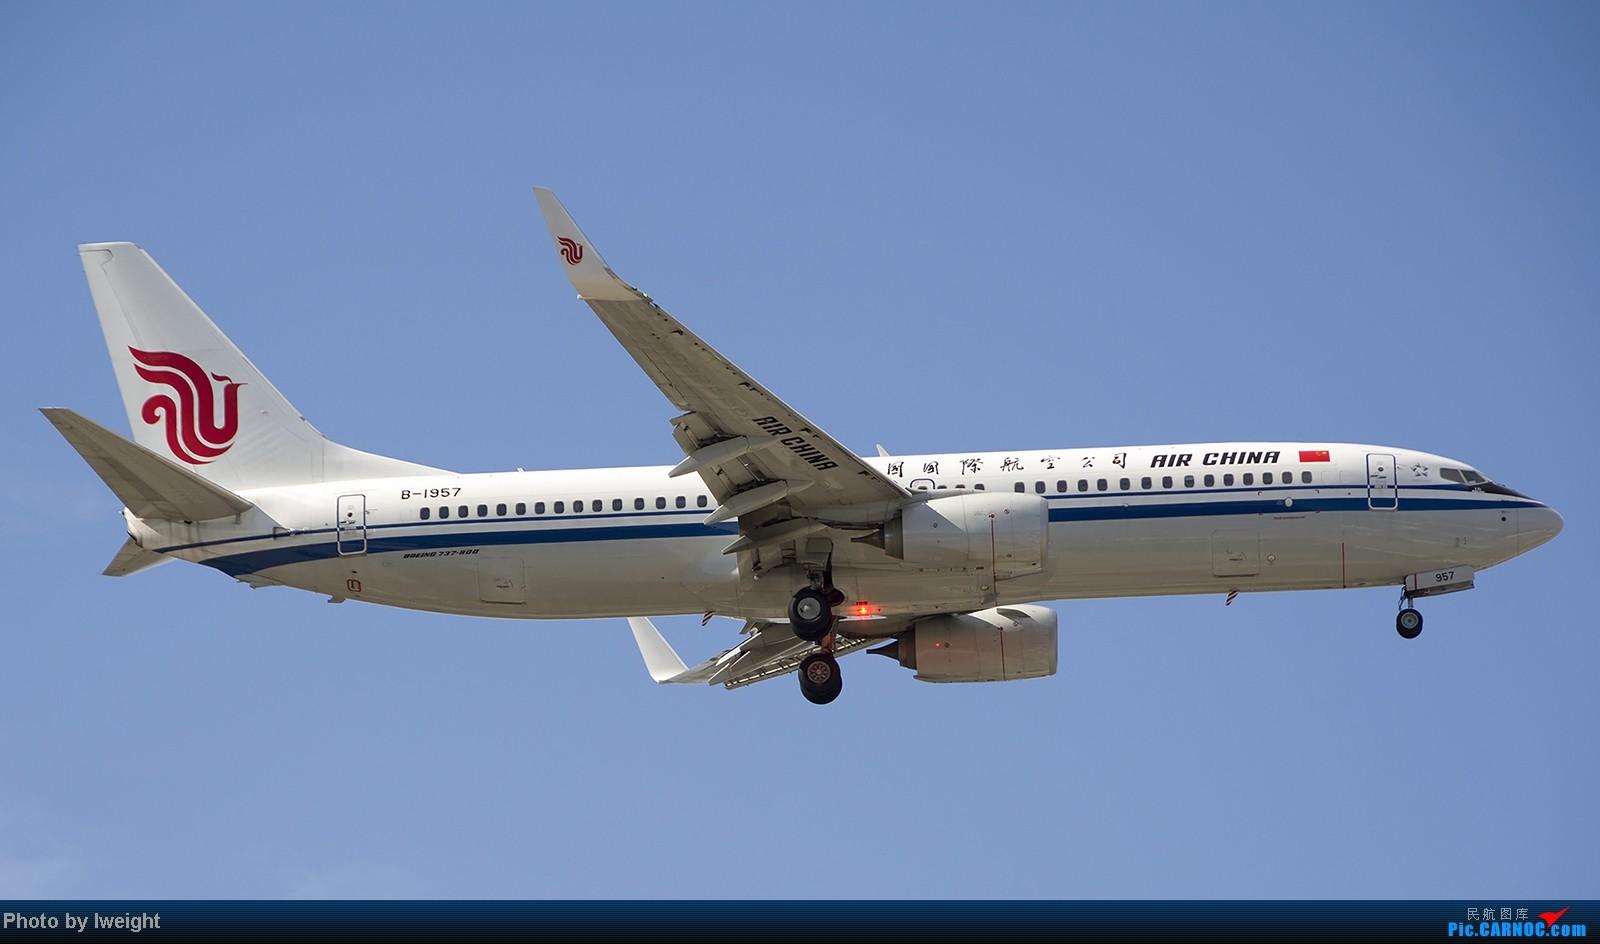 Re:[原创]终于盼来了晴天,PEK拍起【10月26日】 BOEING 737-800 B-1957 中国北京首都机场